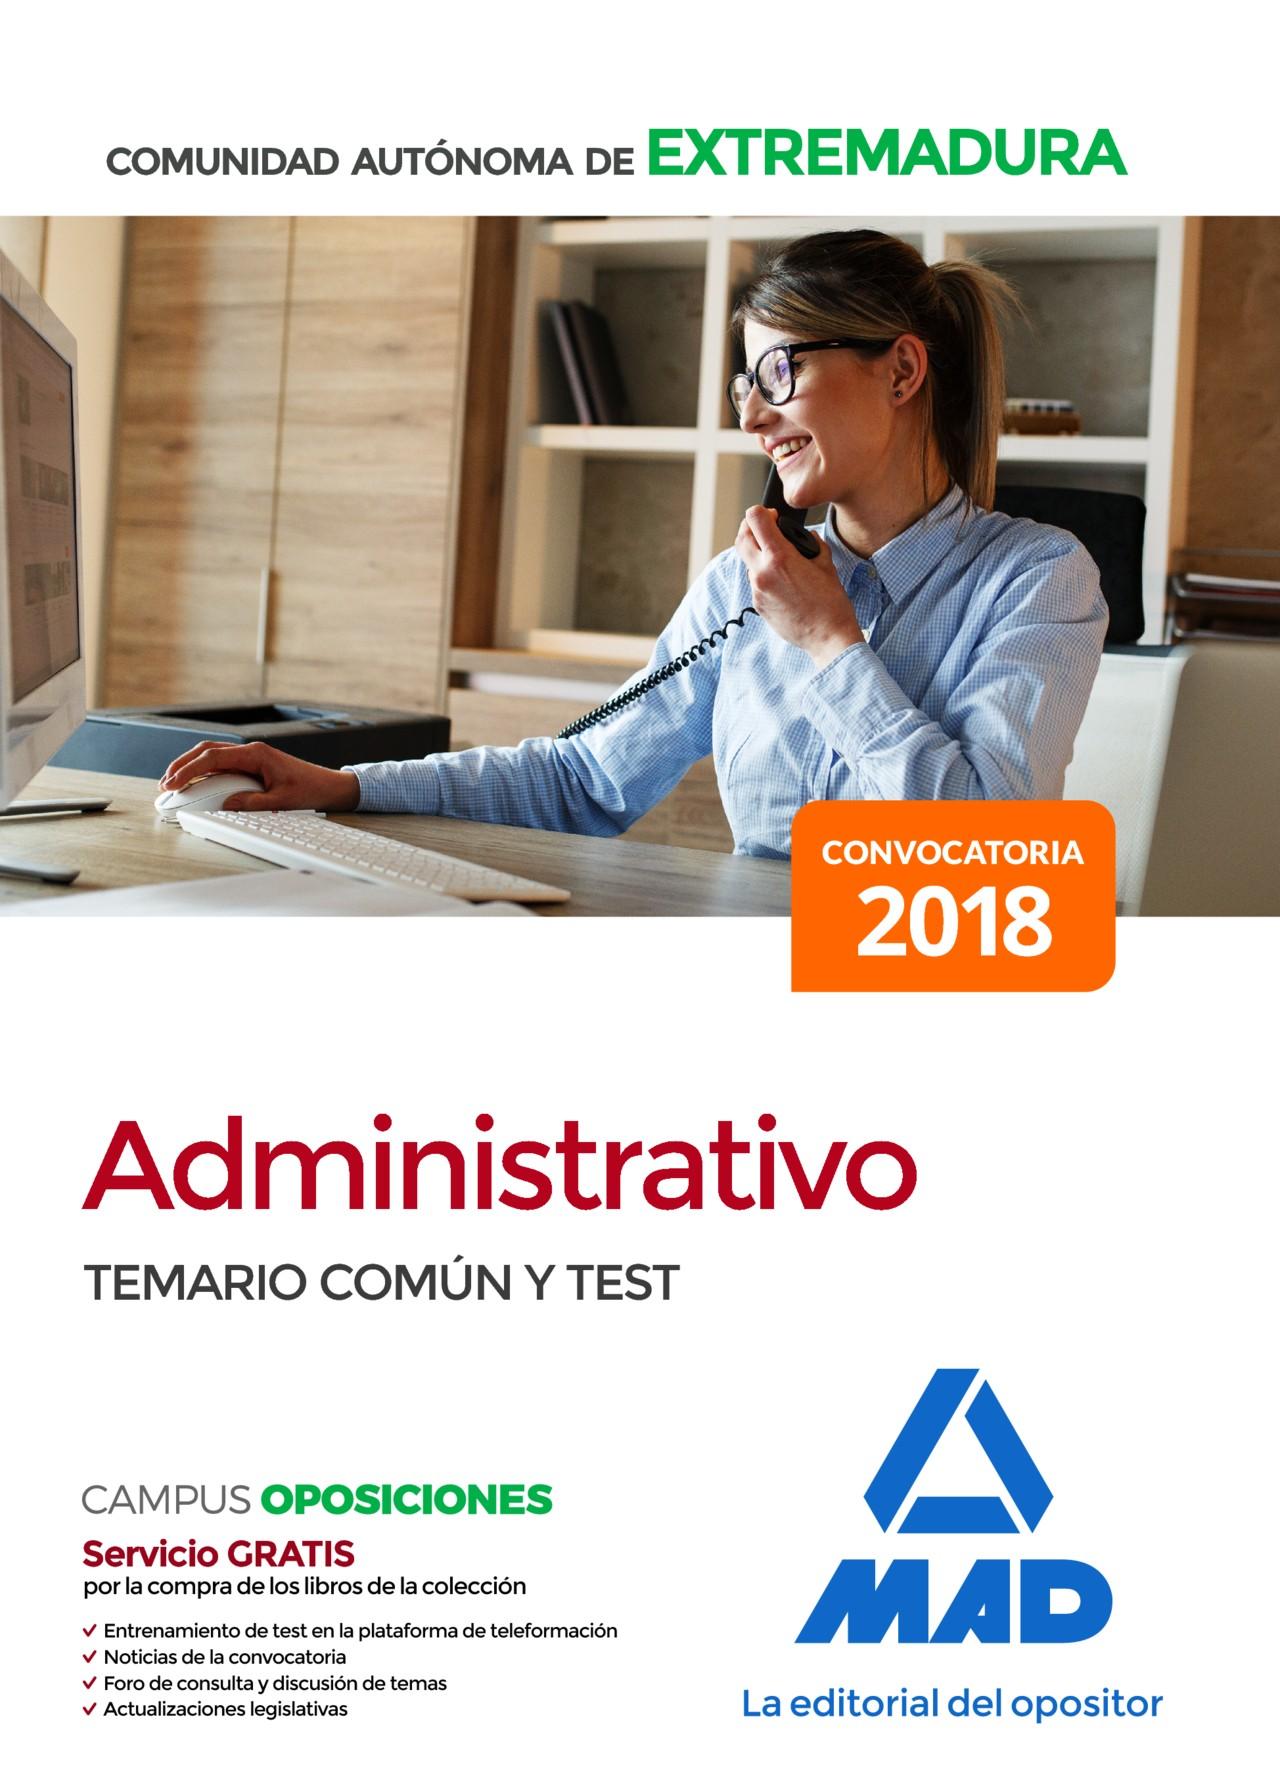 Administrativo de la Comunidad Autónoma de Extremadura